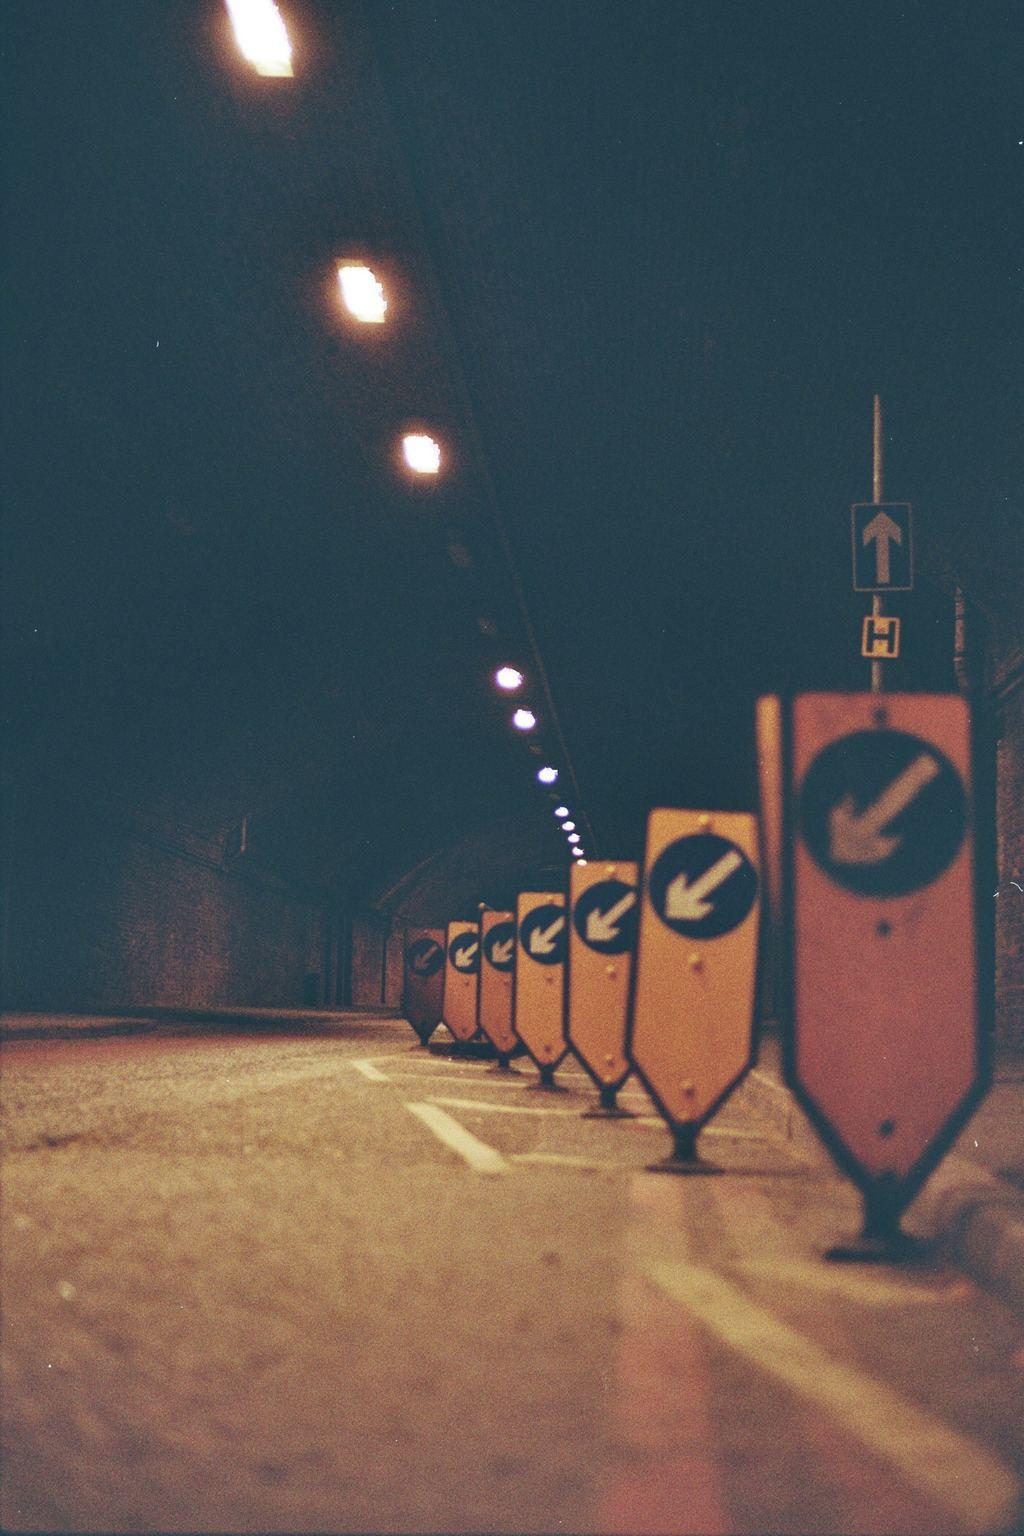 直接,标志,隧道,地下通道,箭头,道路,道路标志,绕道,夜间,驱动器,方向,柯达,35mm,电影,交通,通道,灯光,桥梁,深蓝色